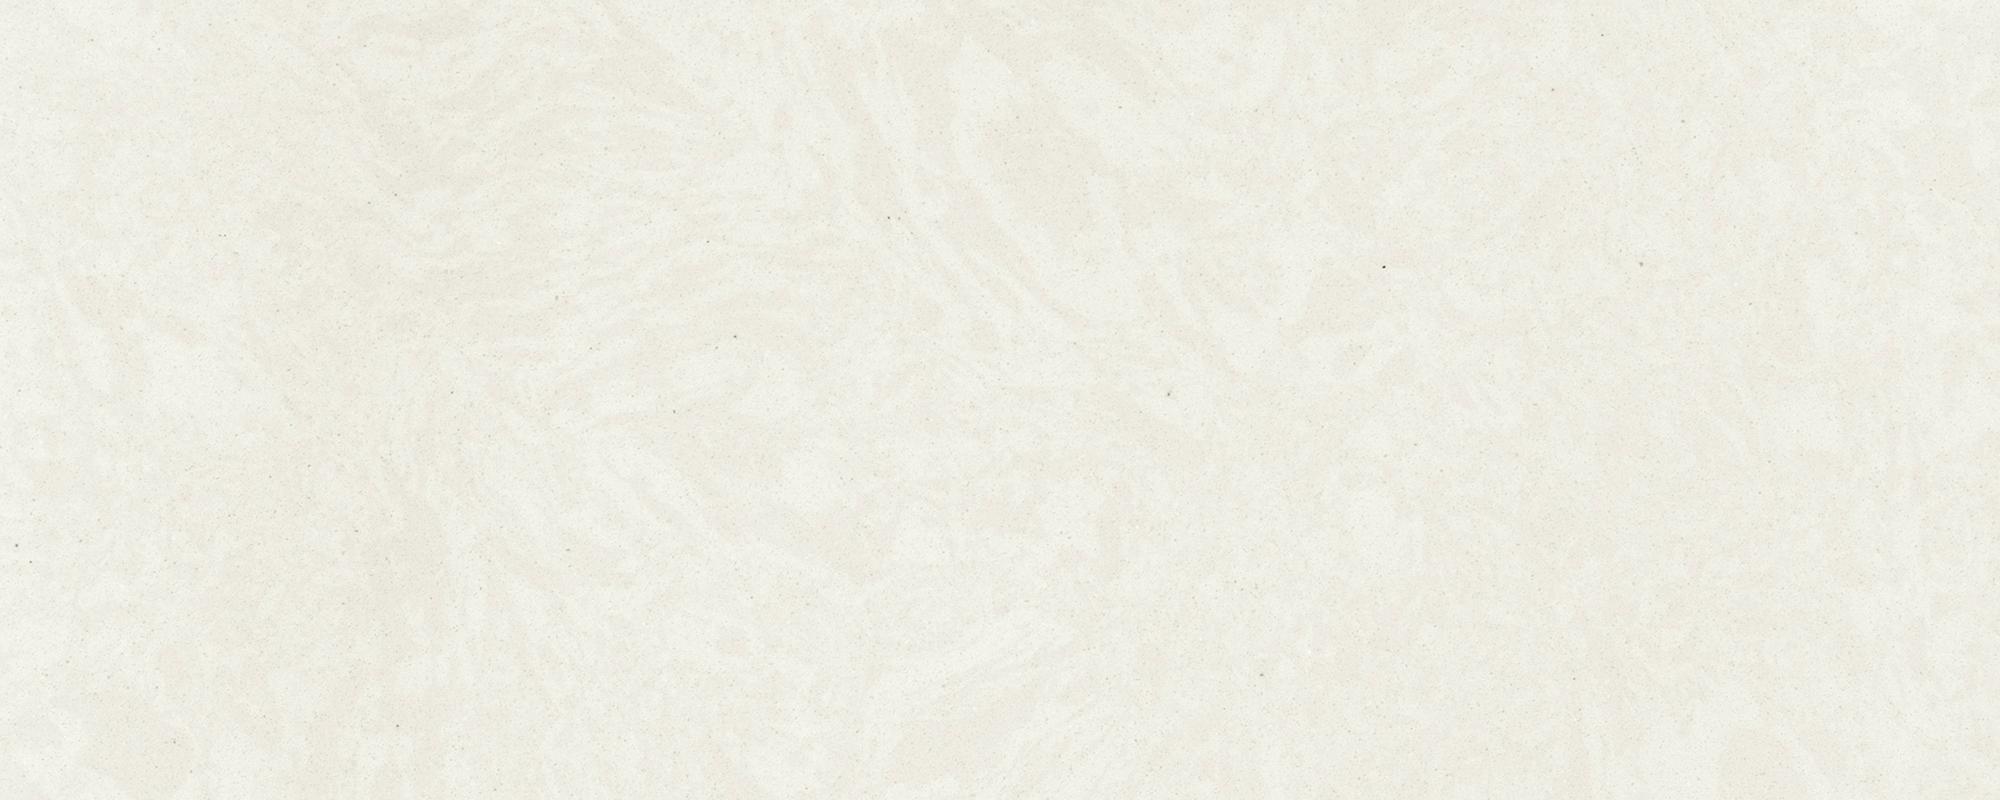 marmol de color Crema Madani. Colección Micro Compac. Compac